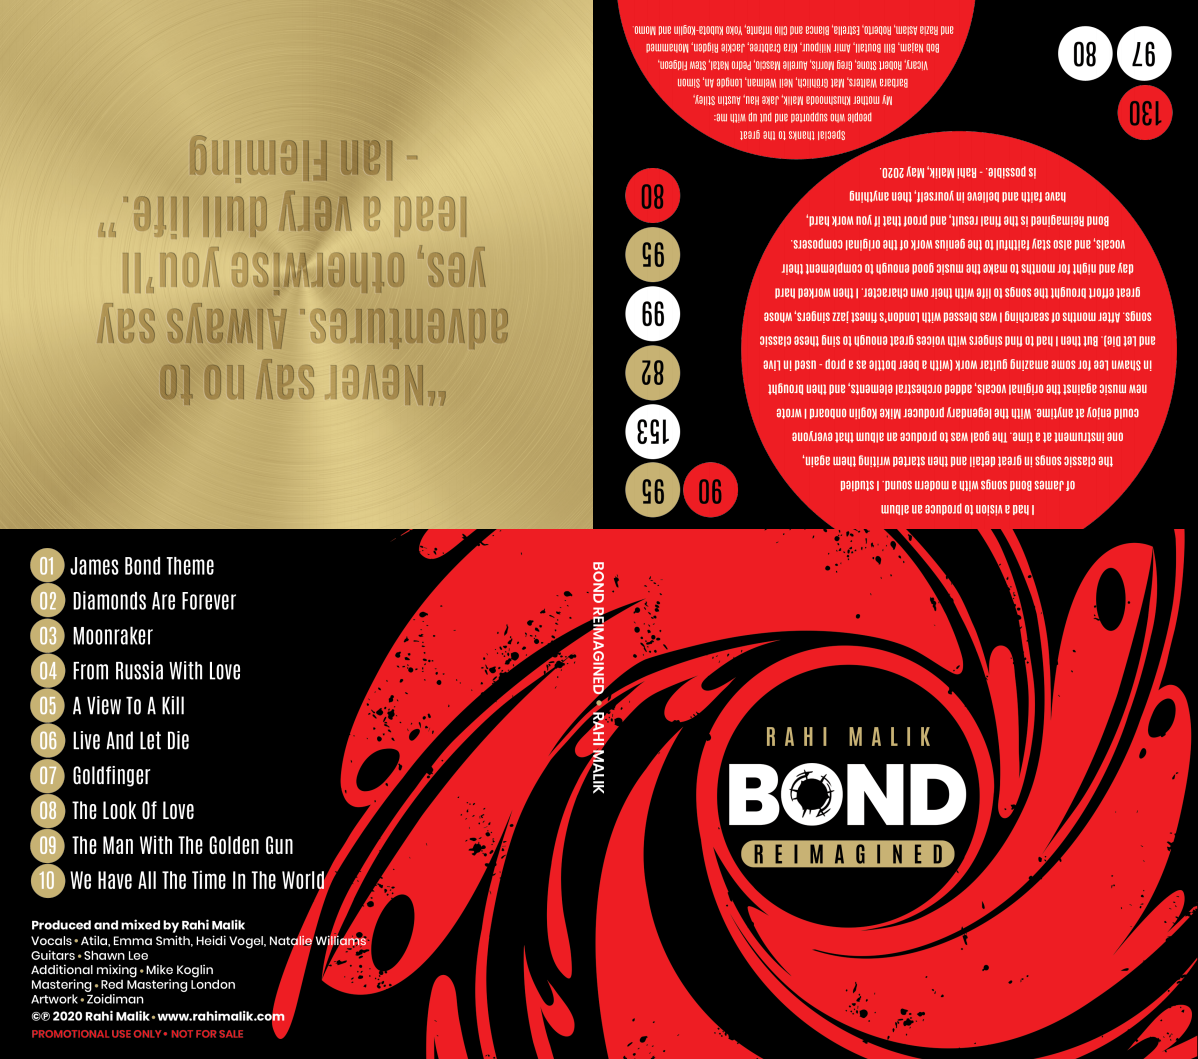 James Bond: Update artwork for Digipak CD